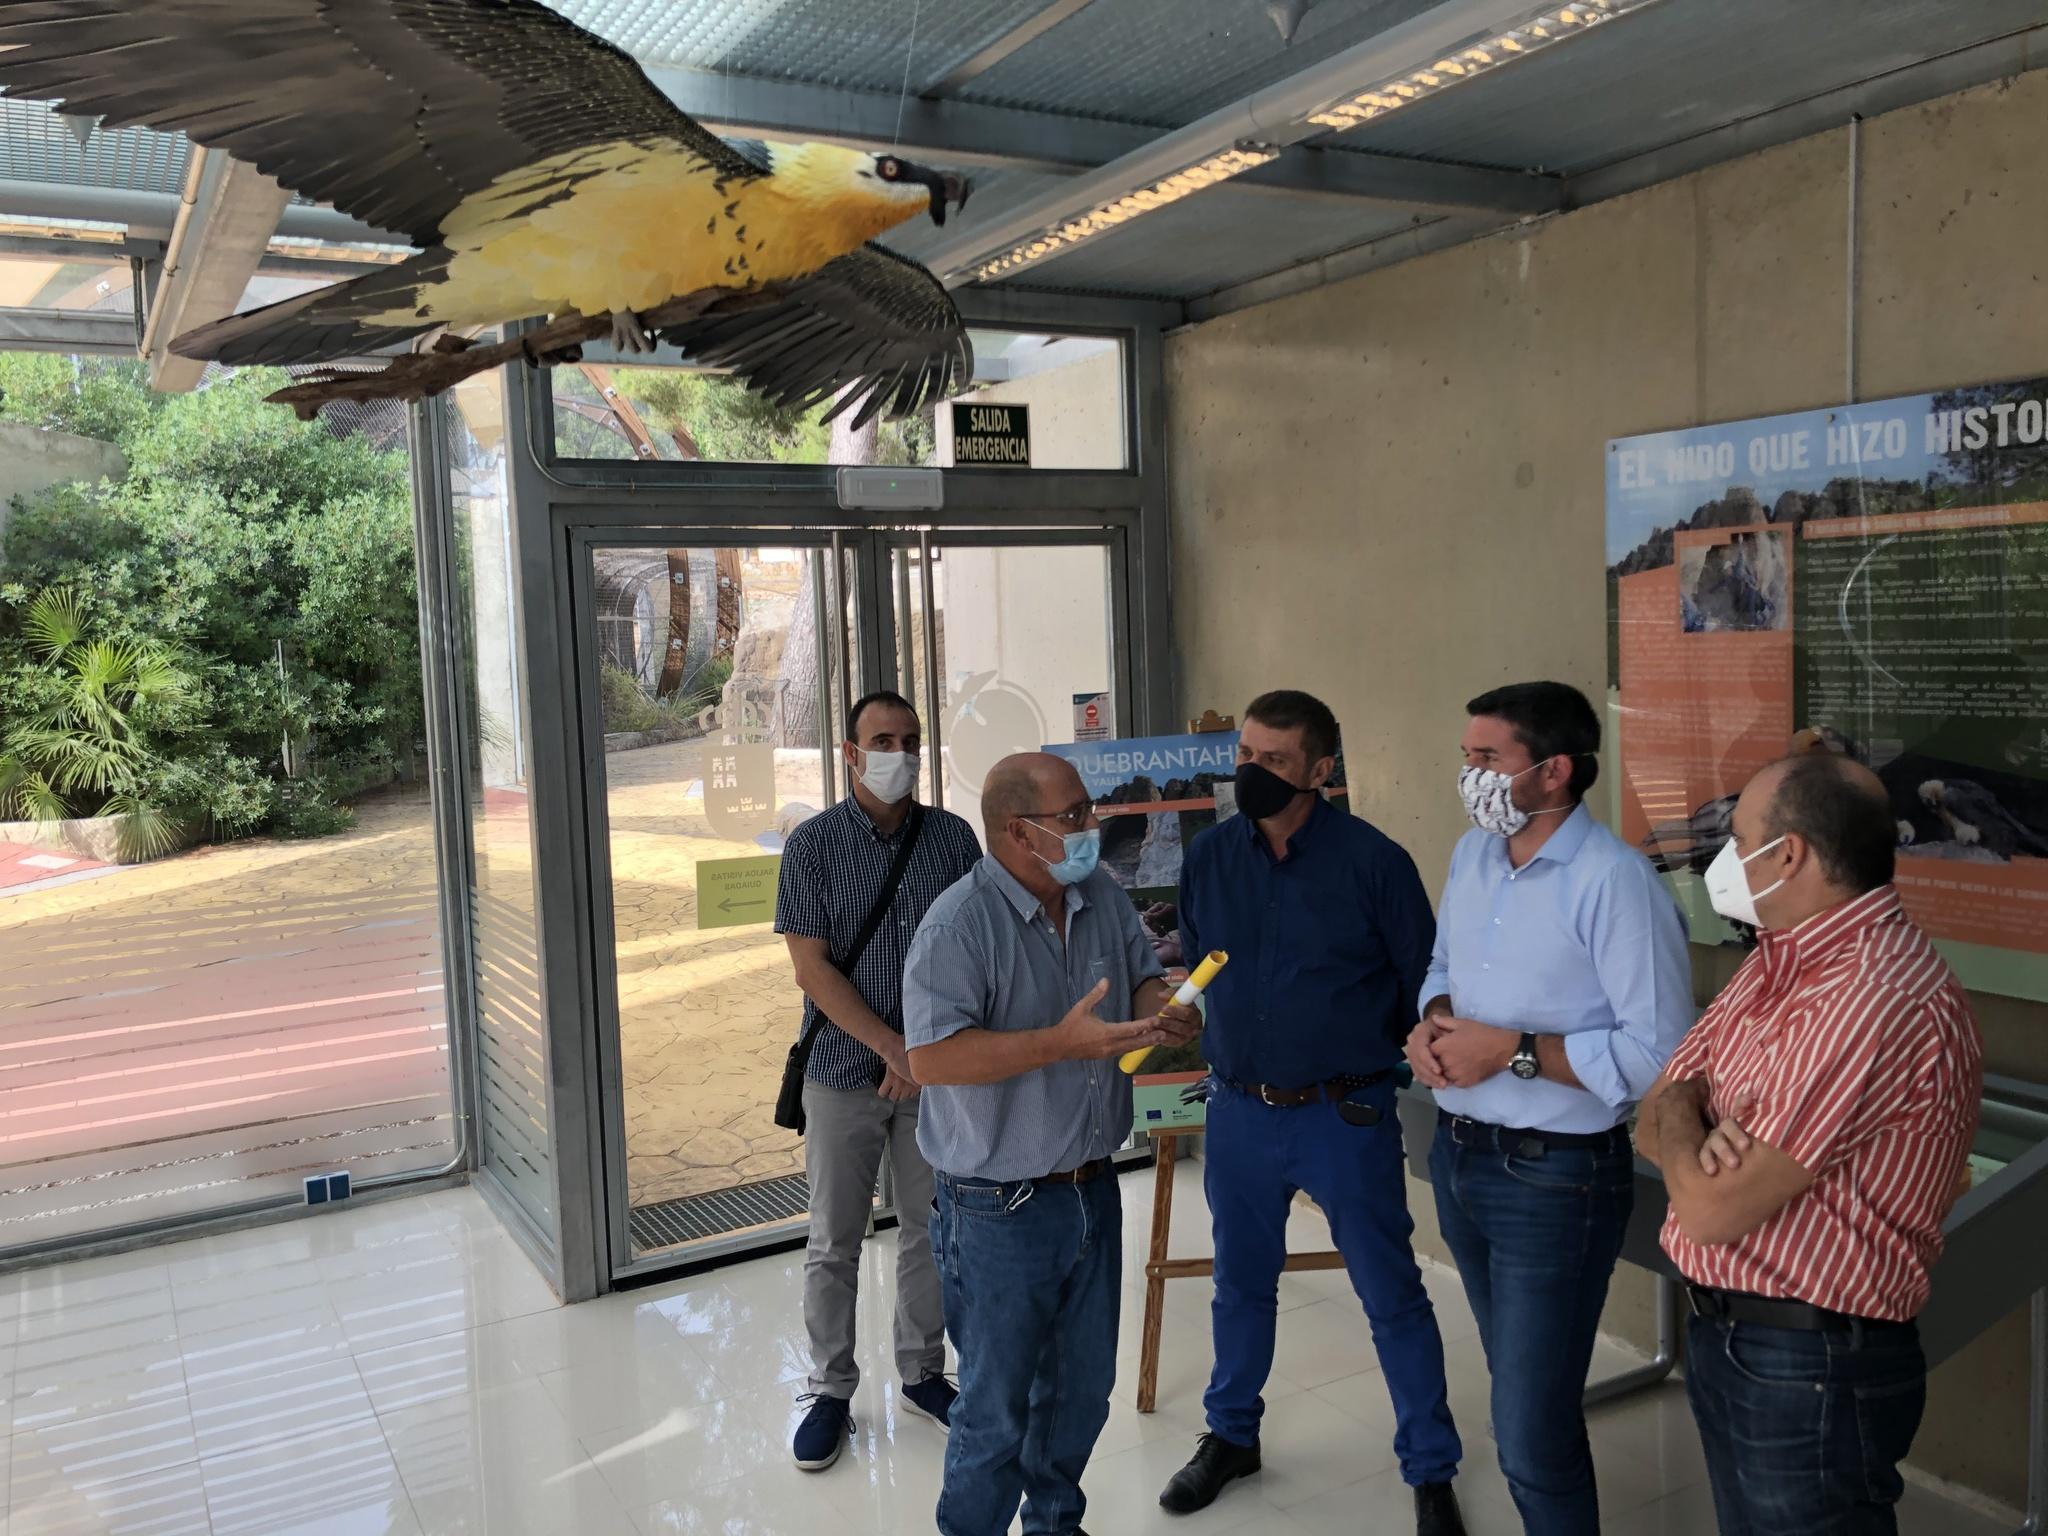 Inauguración del módulo expositivo sobre el histórico nido de quebrantahuesos de la Sierra de El Valle Carrascoy. Imagen: CARM